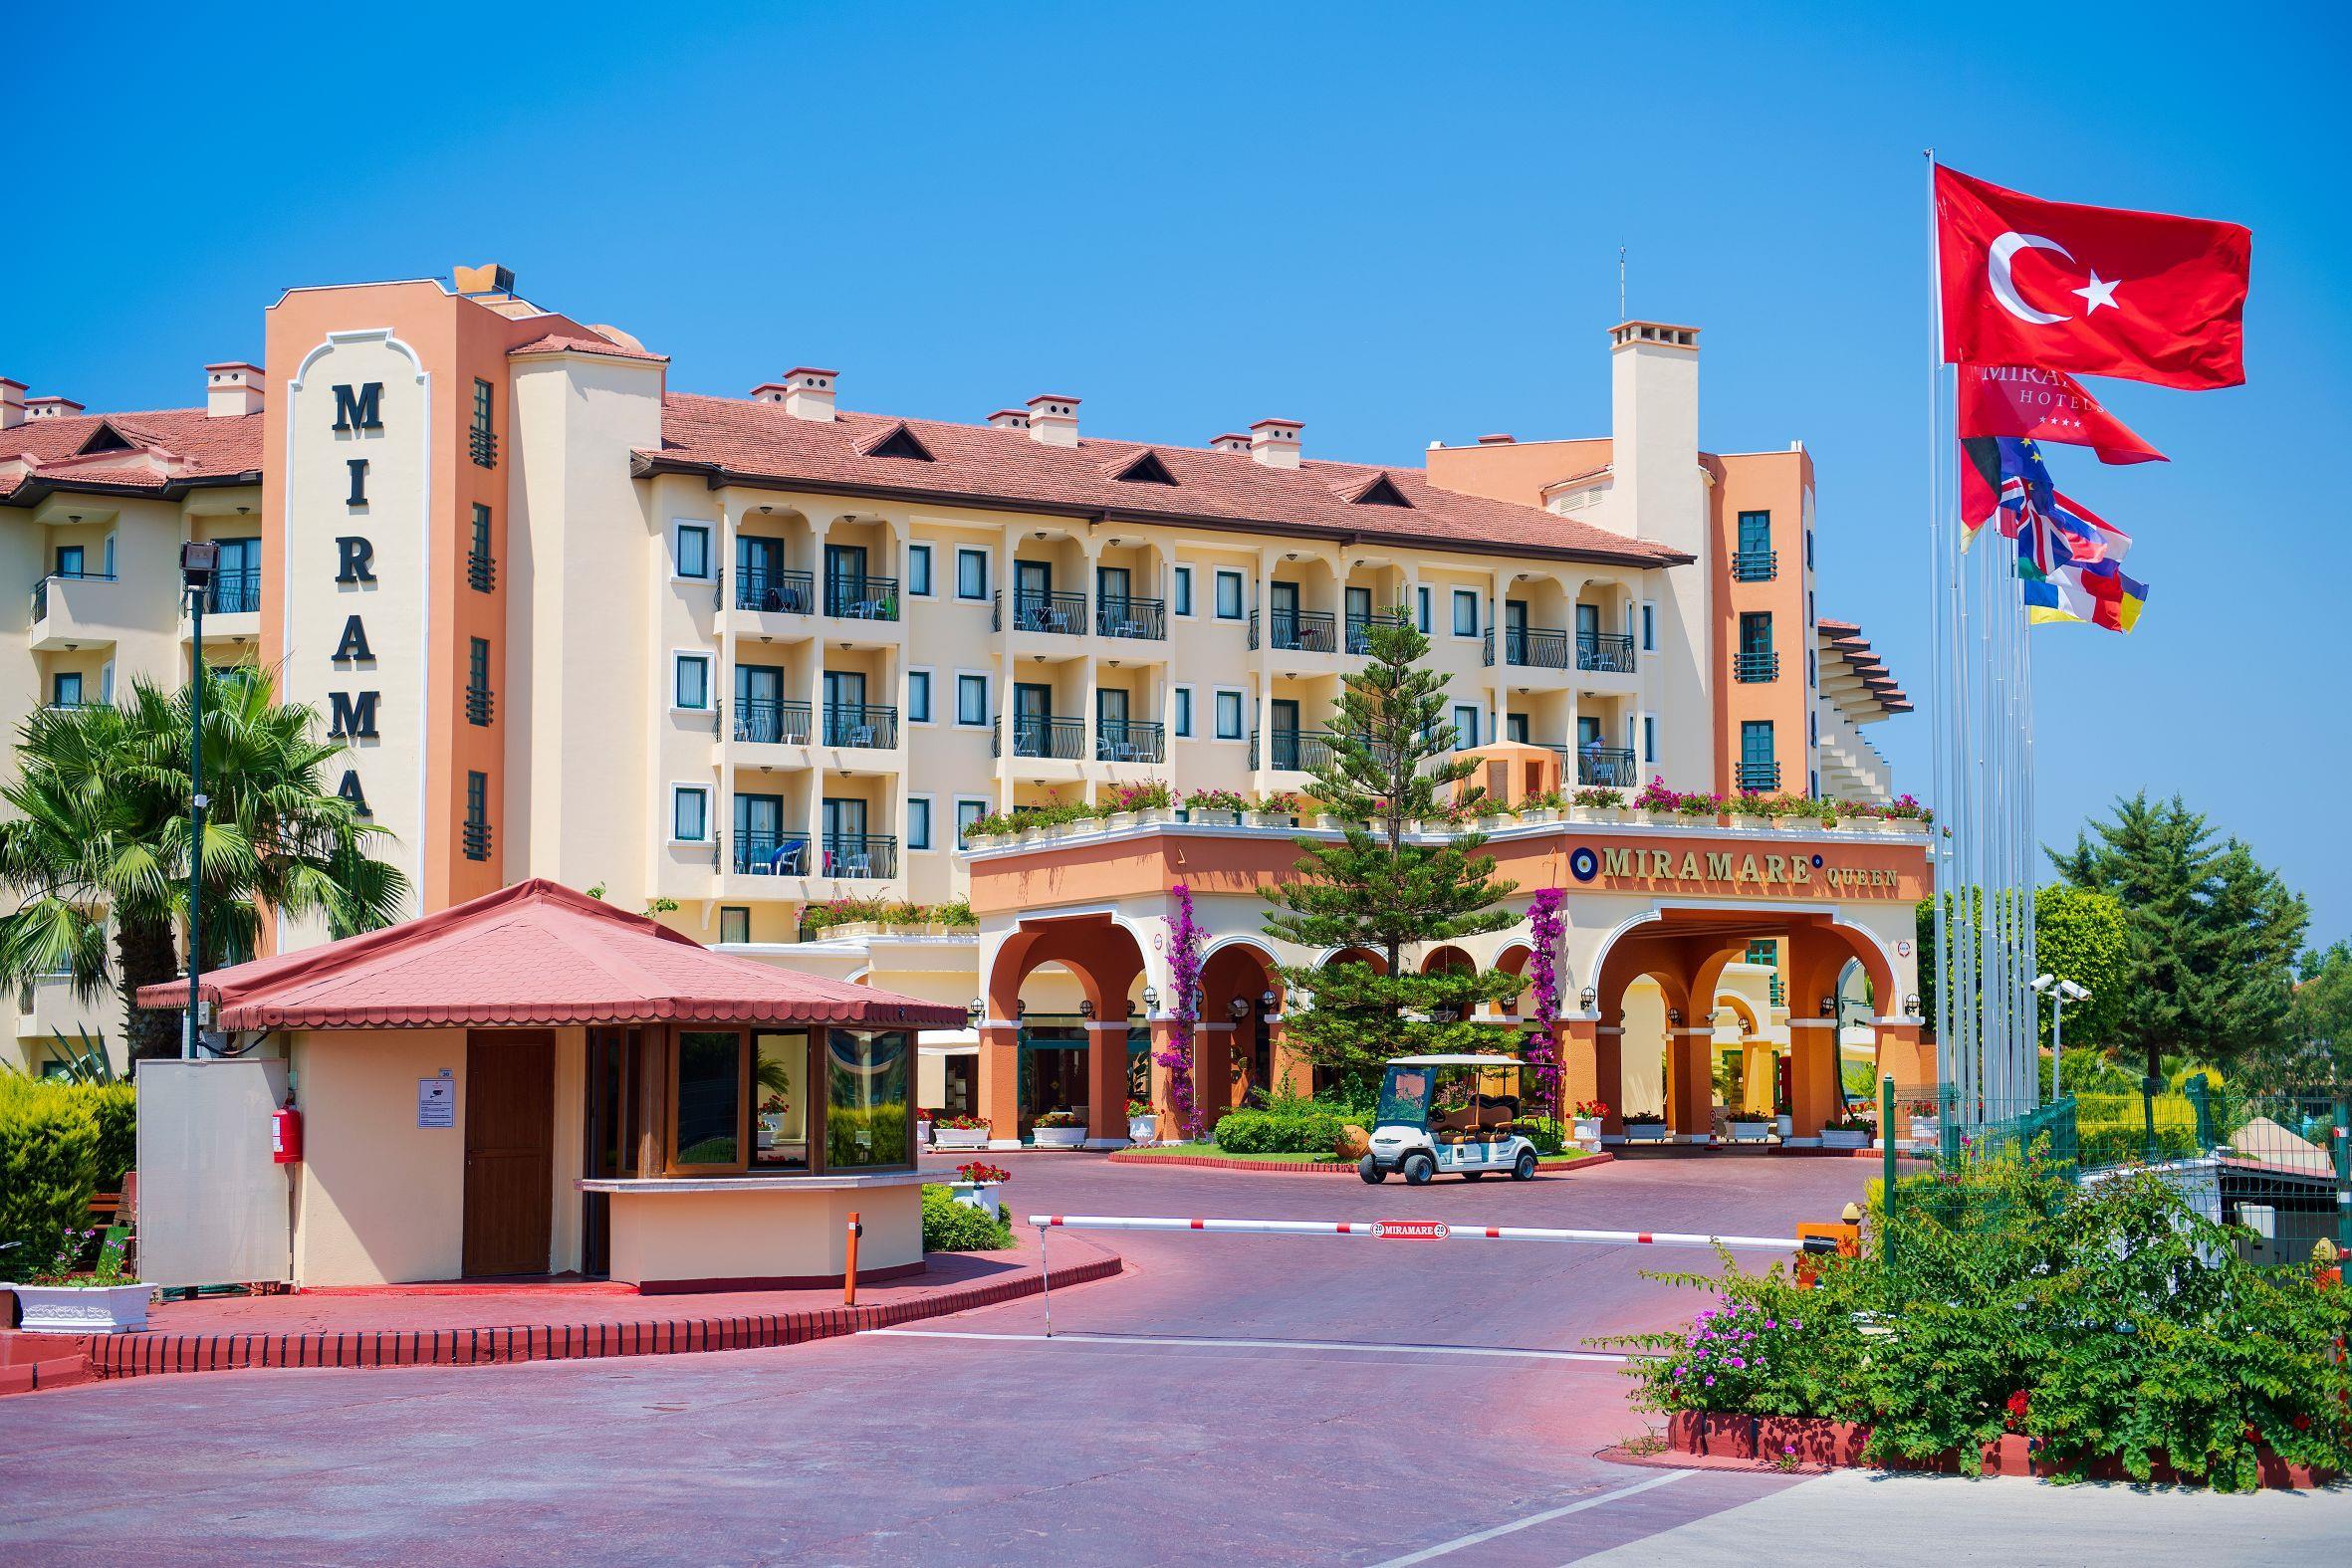 http://www.orextravel.sk/OREX/hotelphotos/miramare-queen-hotel-general-0046.jpg